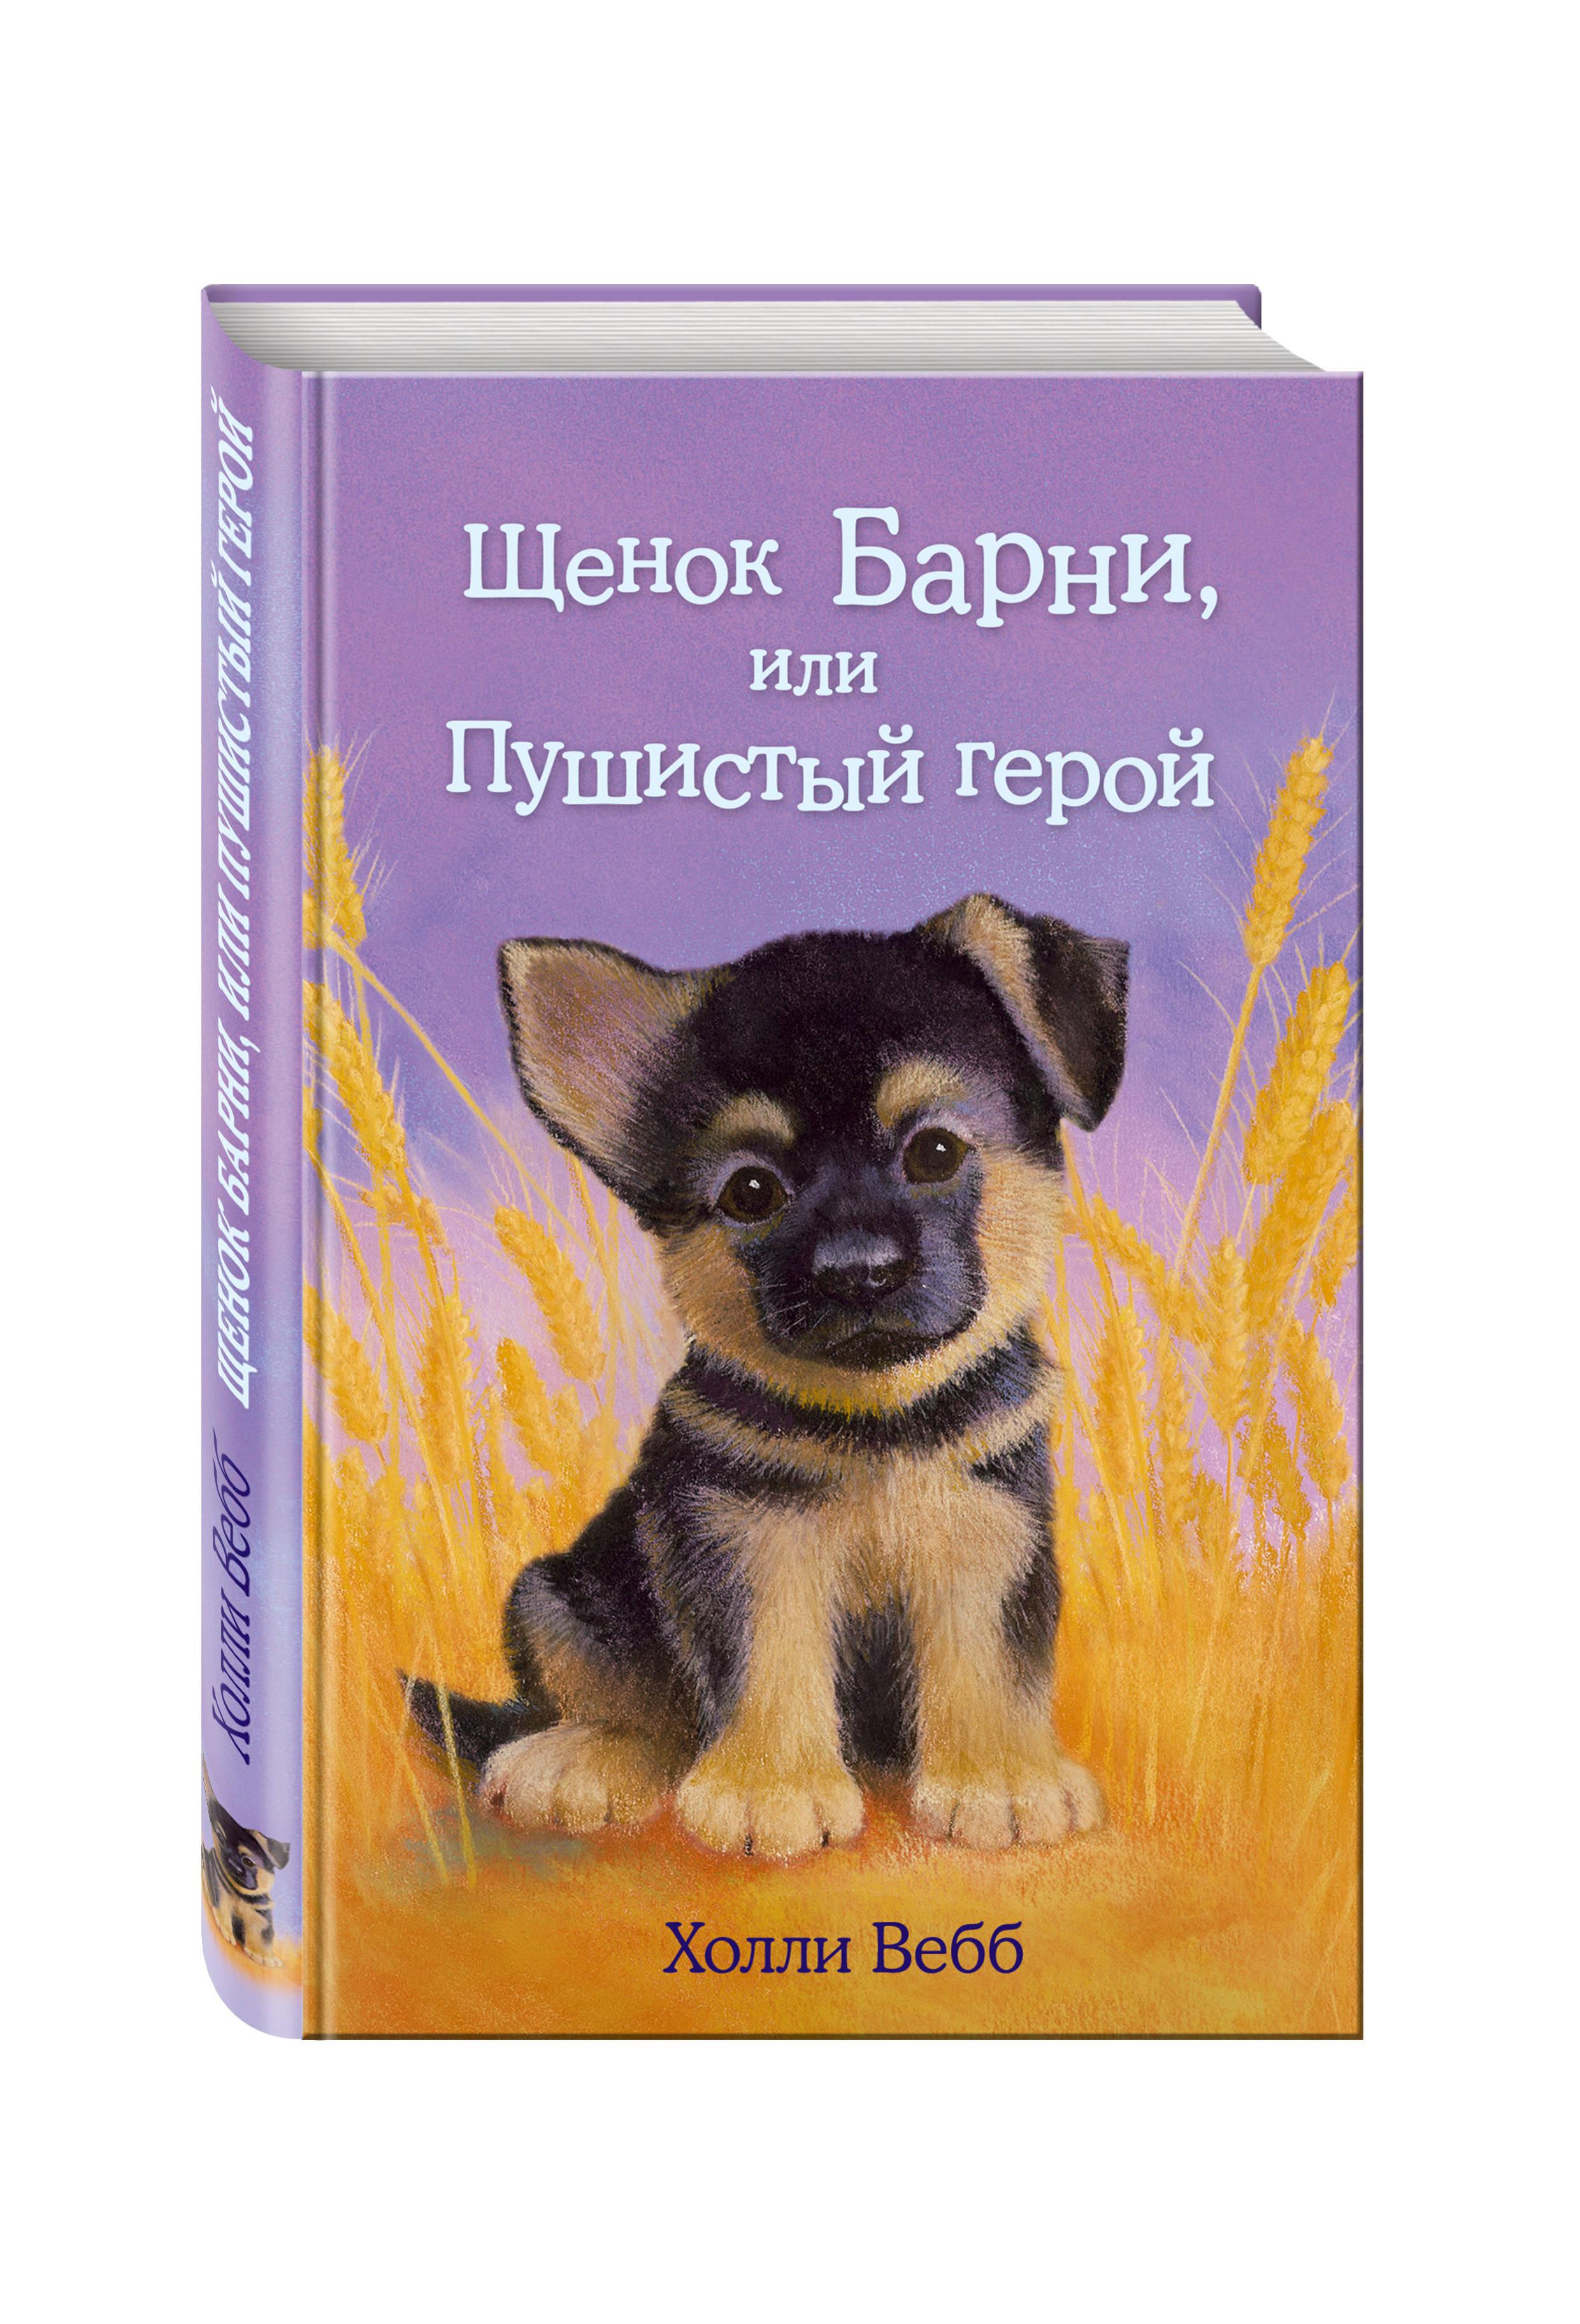 Zakazat.ru: Щенок Барни, или Пушистый герой. Холли Вебб